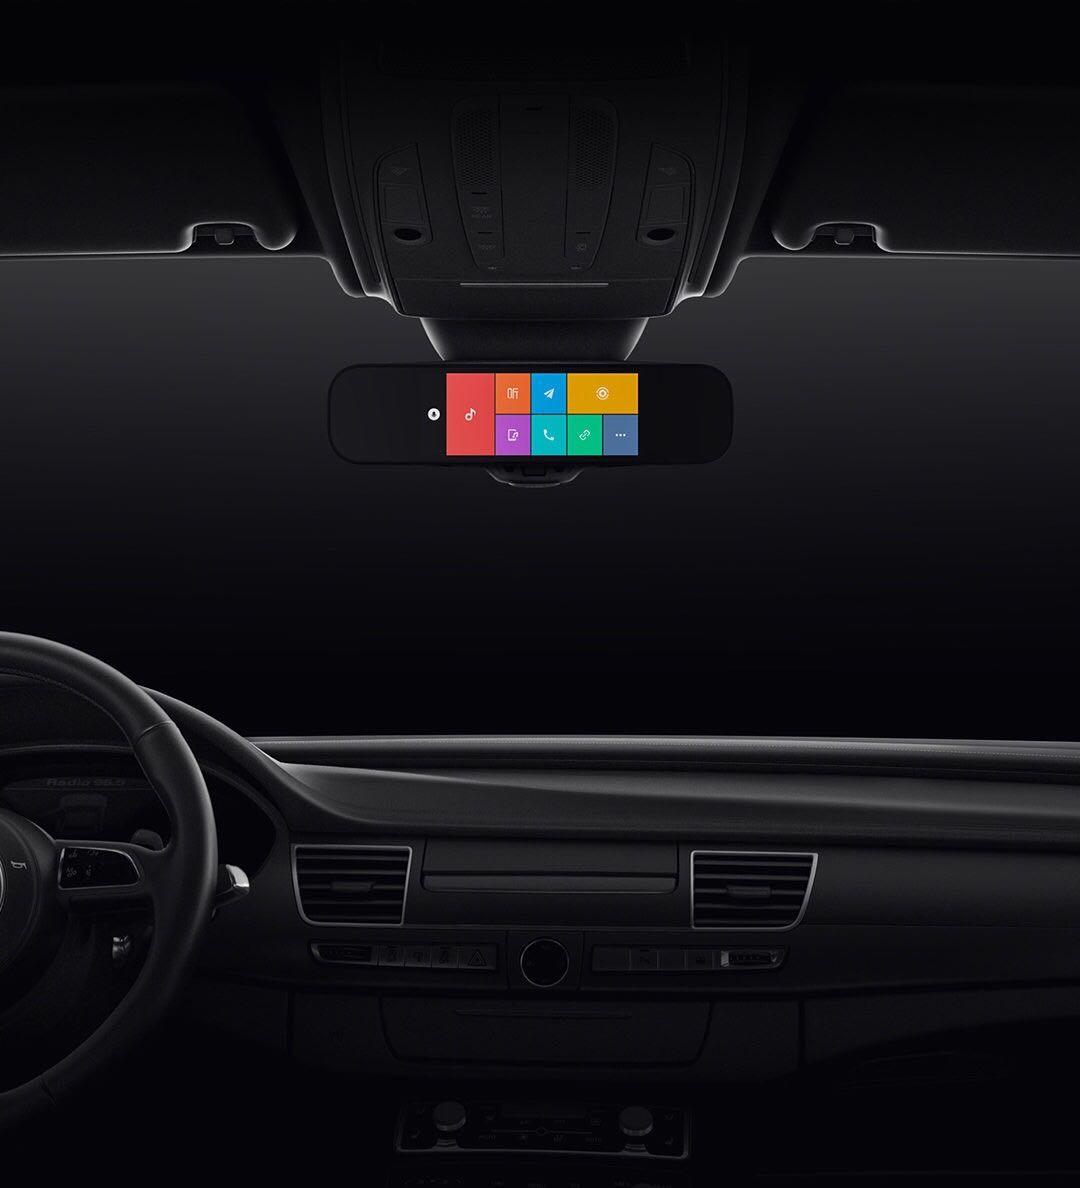 驾驶辅助系统 ADAS 高清行车记录仪 1080P 卡小米米家智能后视镜 32g 送